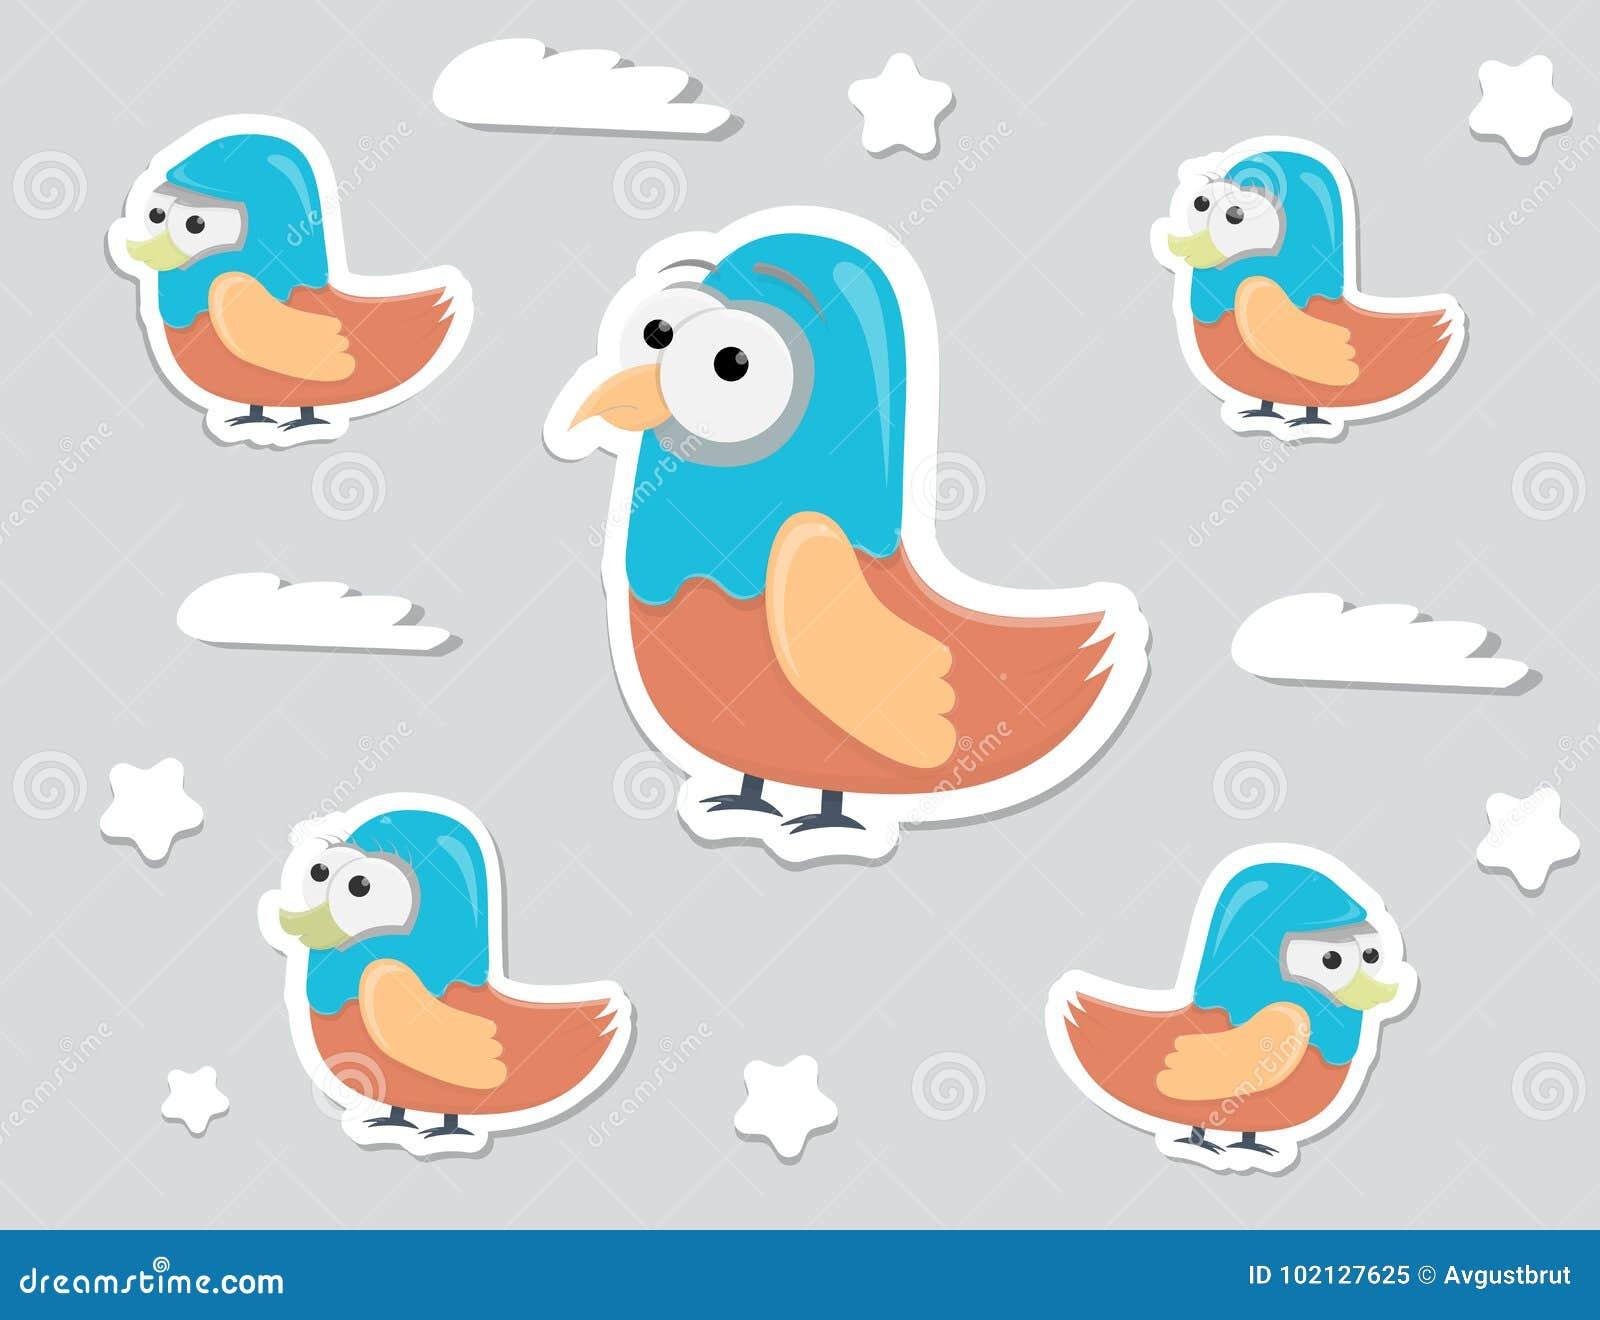 Etiquetas Engomadas Divertidas De Los Pájaros Del Personaje De